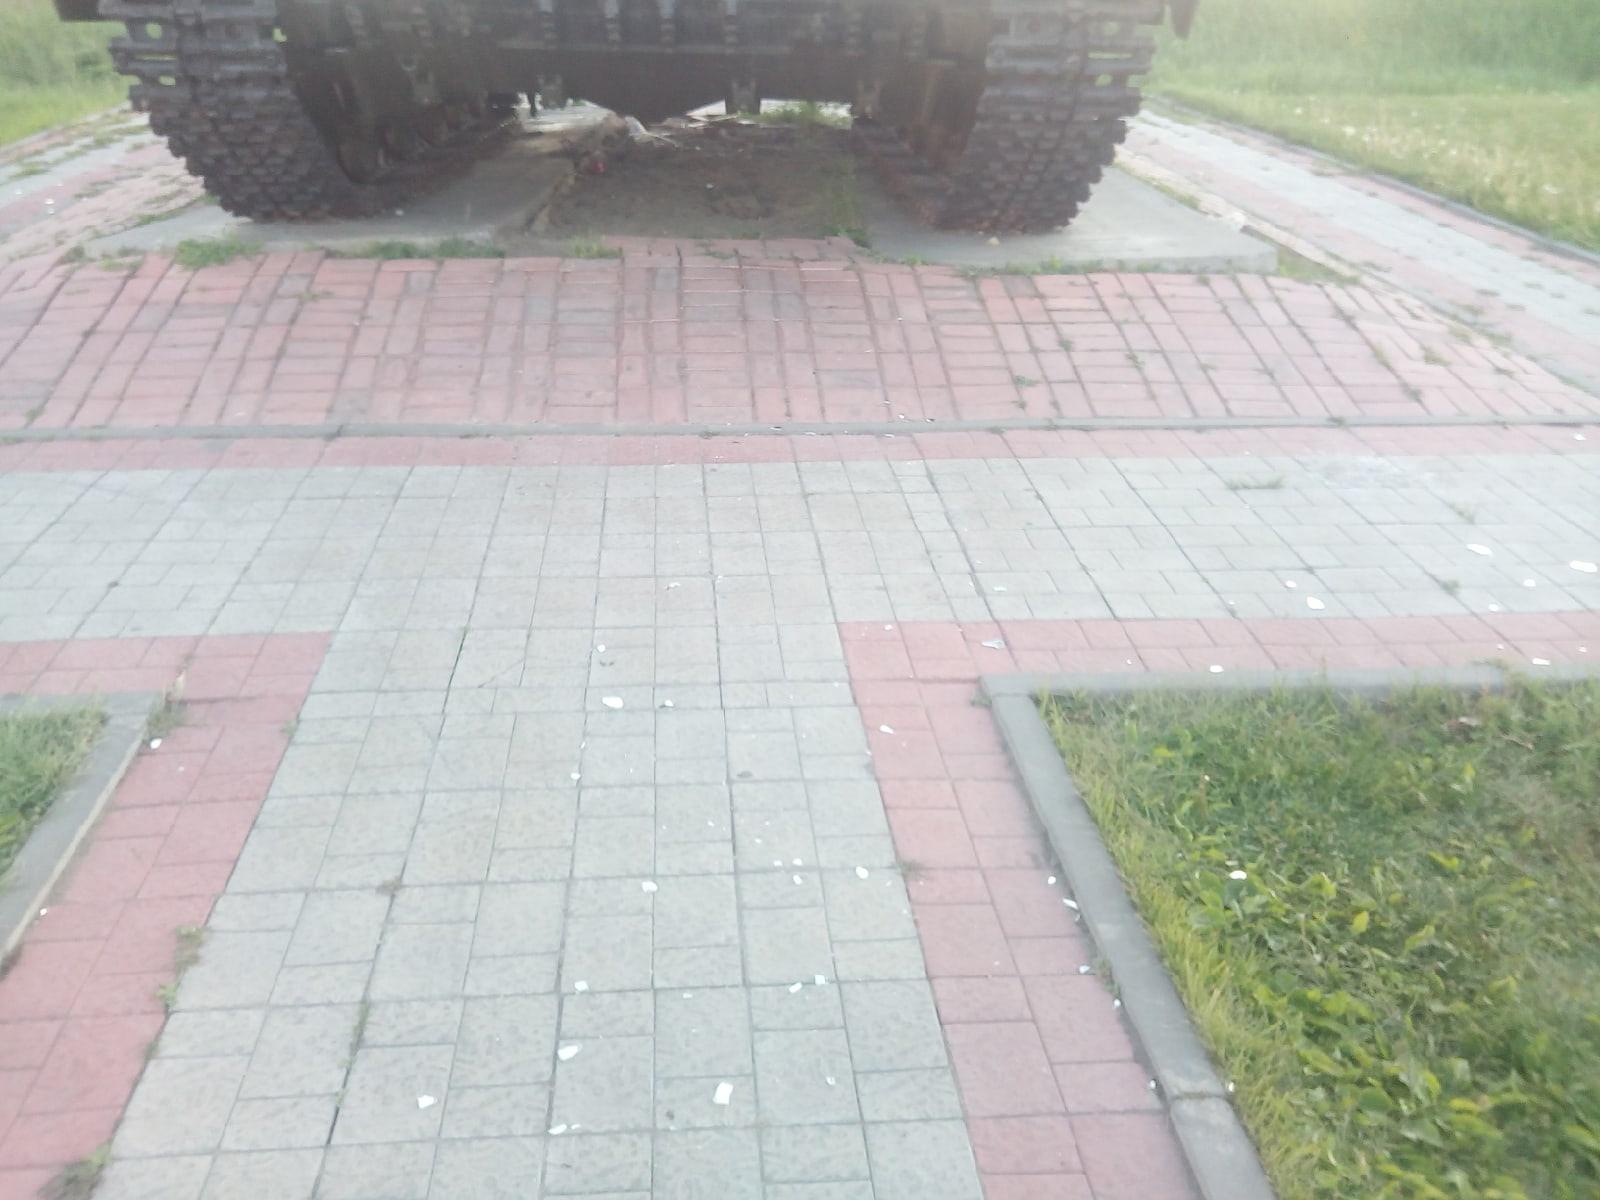 Фото Вандалы разгромили танк в Новосибирской области 3